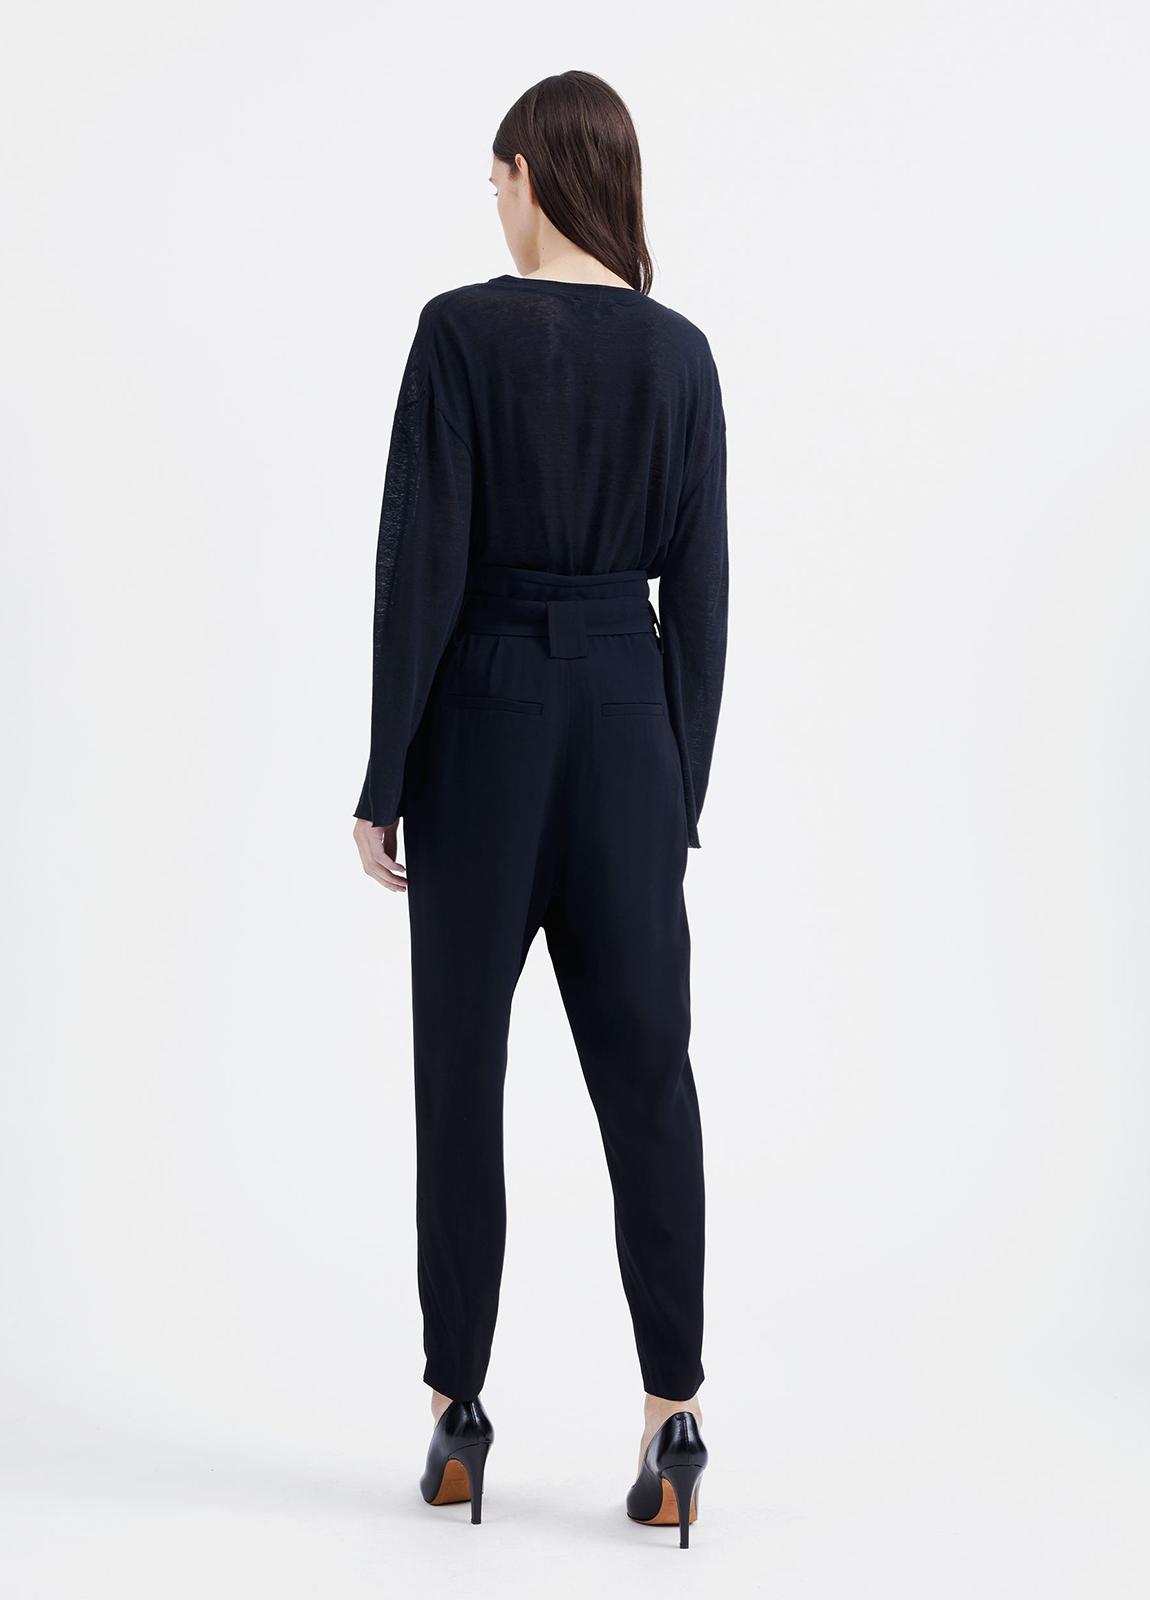 Pantalón woman de talle alto color negro y lazada en cintura. 73% Acetato 27% Viscosa. - Ítem2